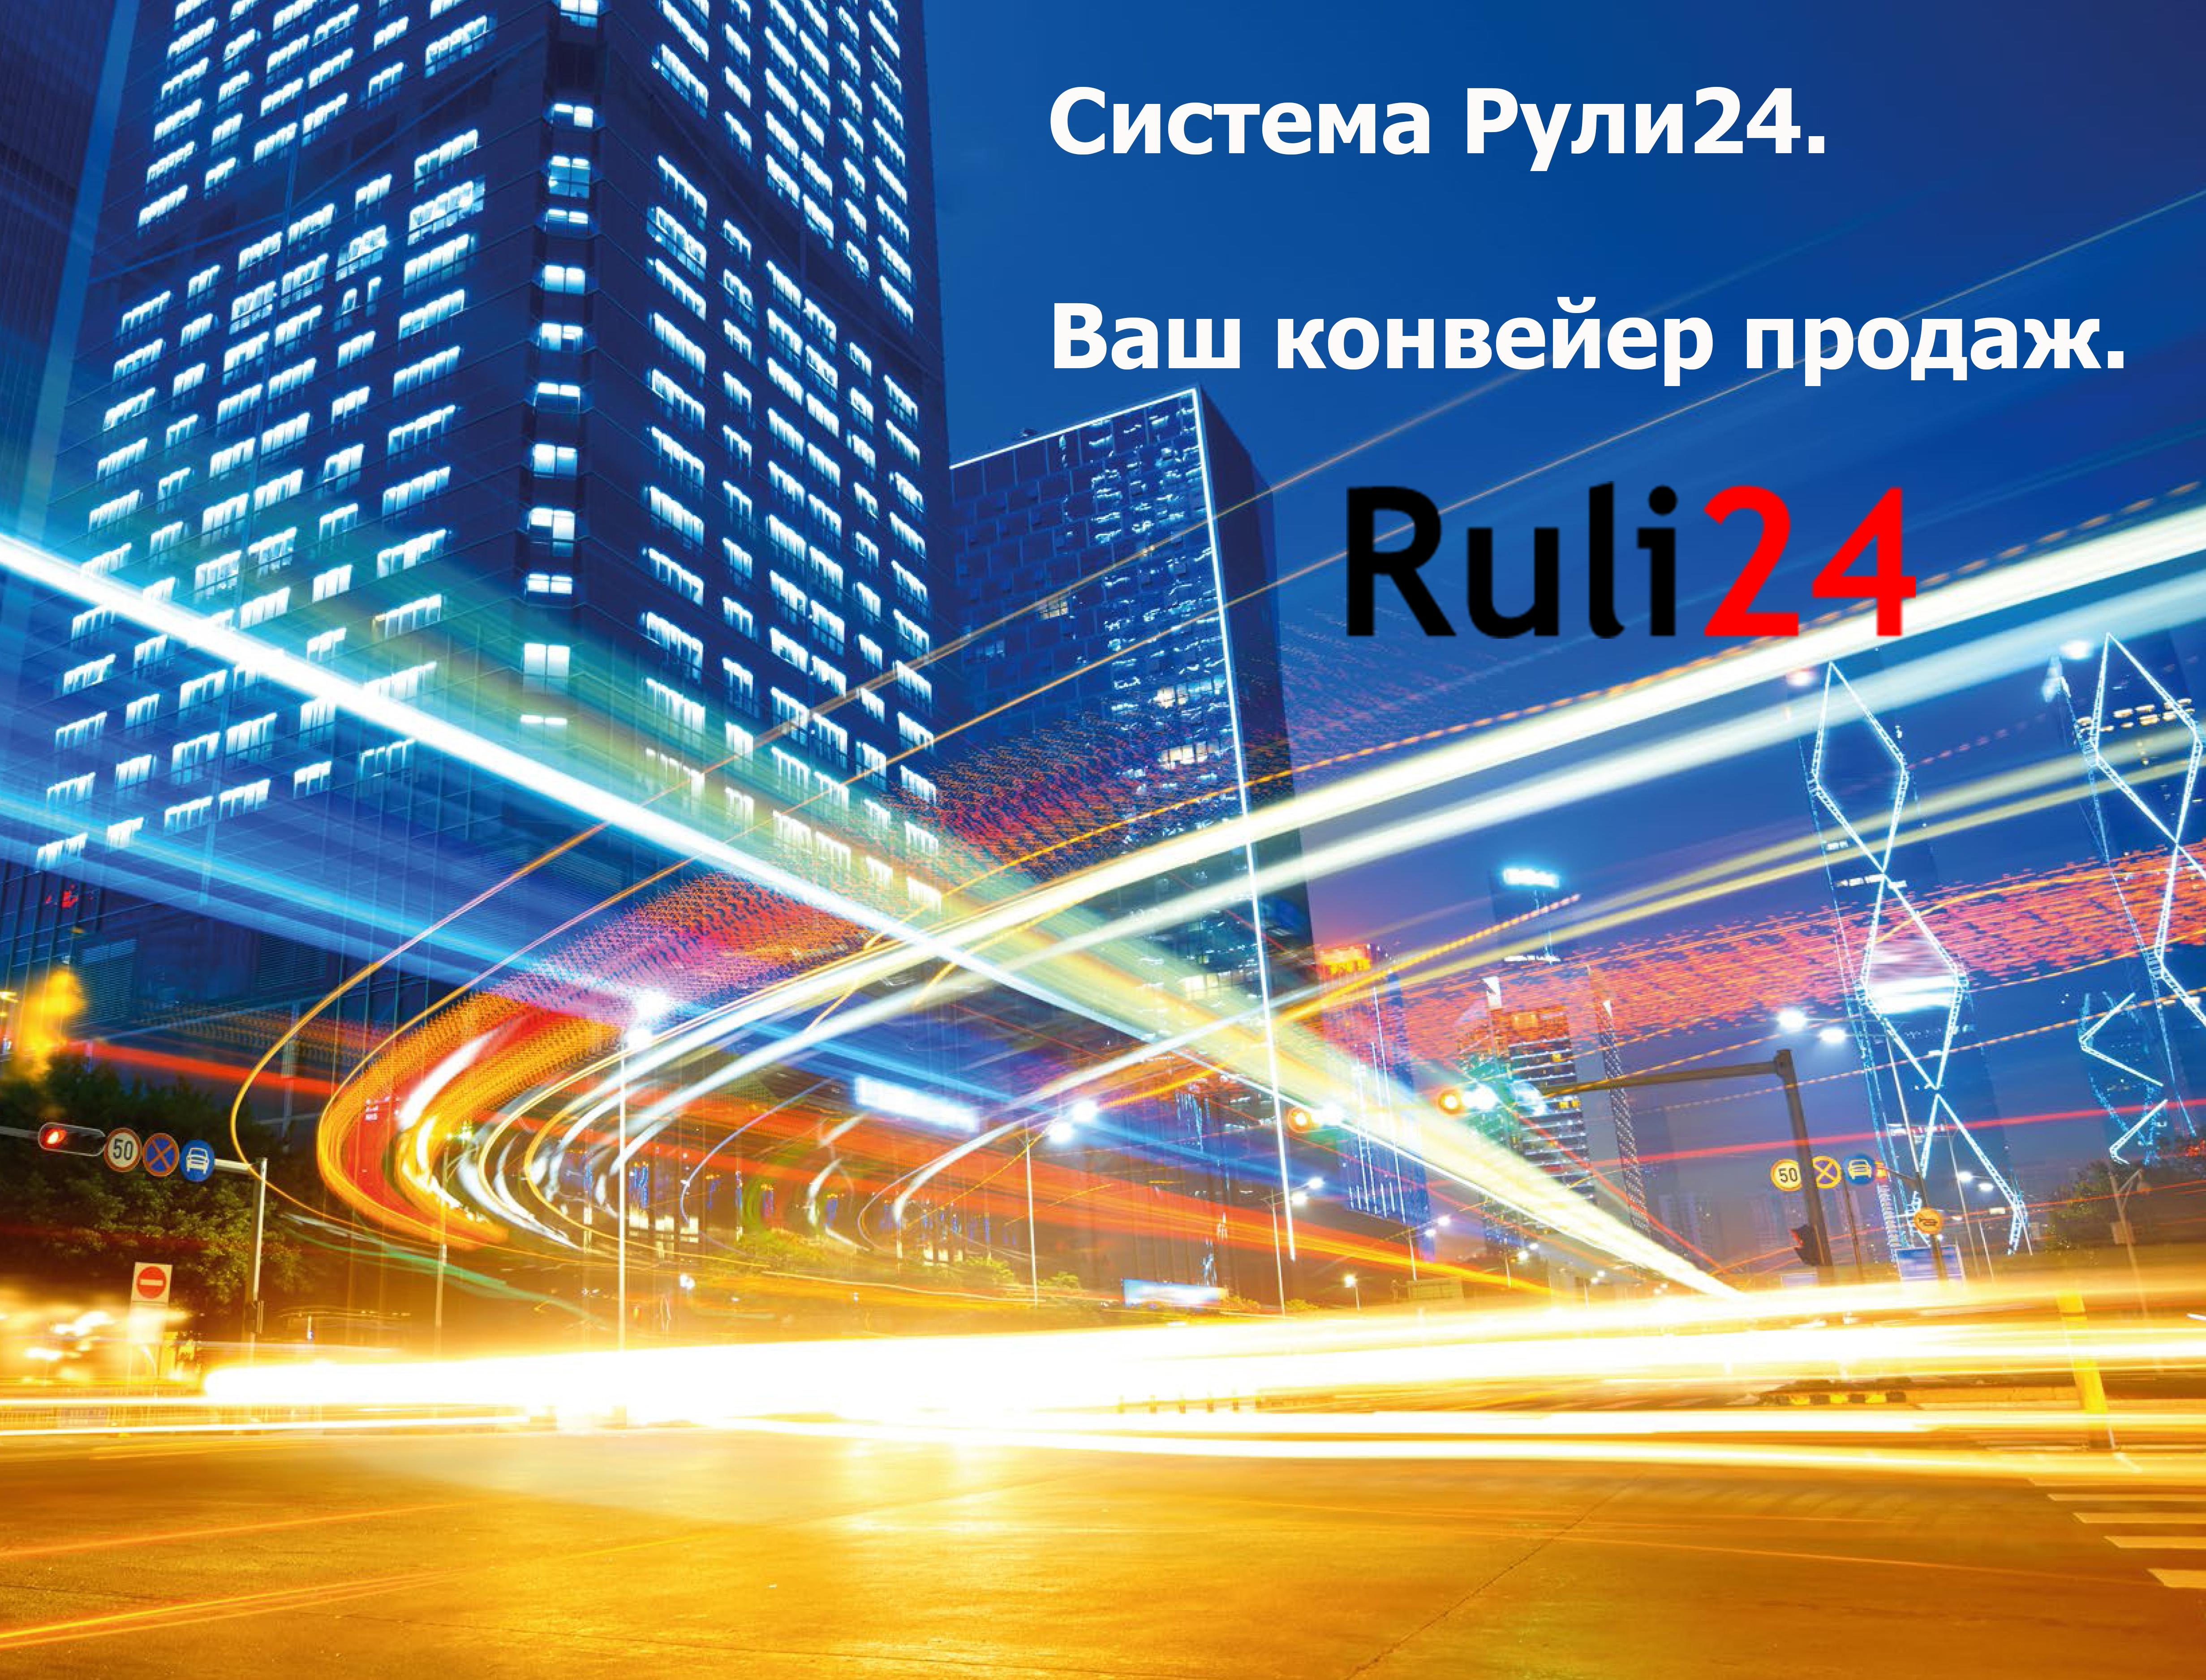 Конвейер продаж с CRM-системой Рули24